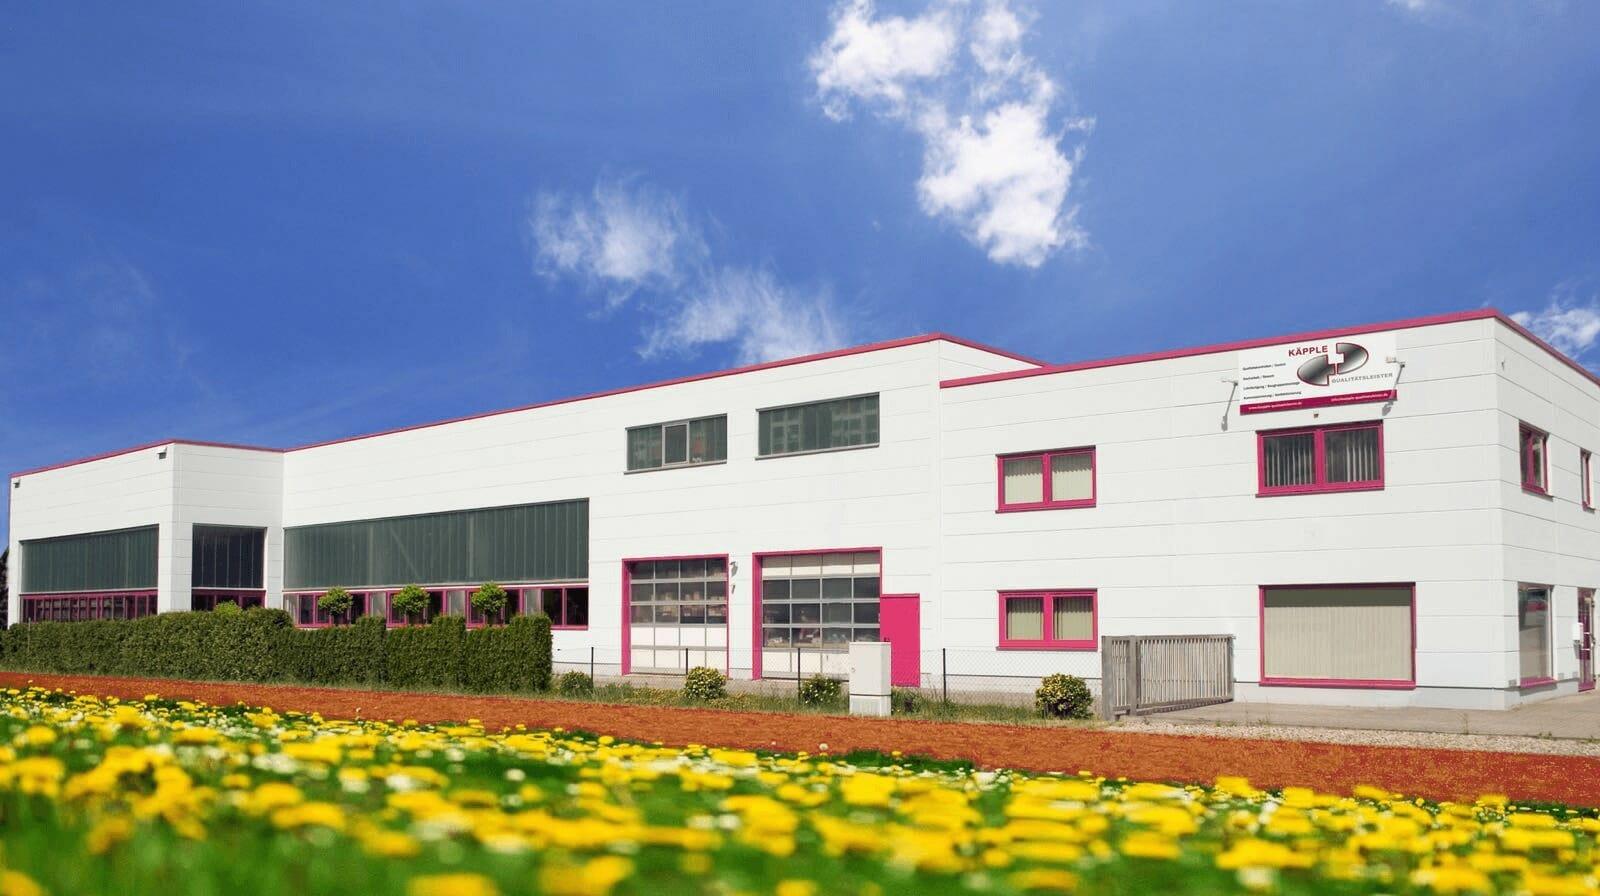 hall 00 resident service dienstleistung fulfillment montage automotive dienstleisung